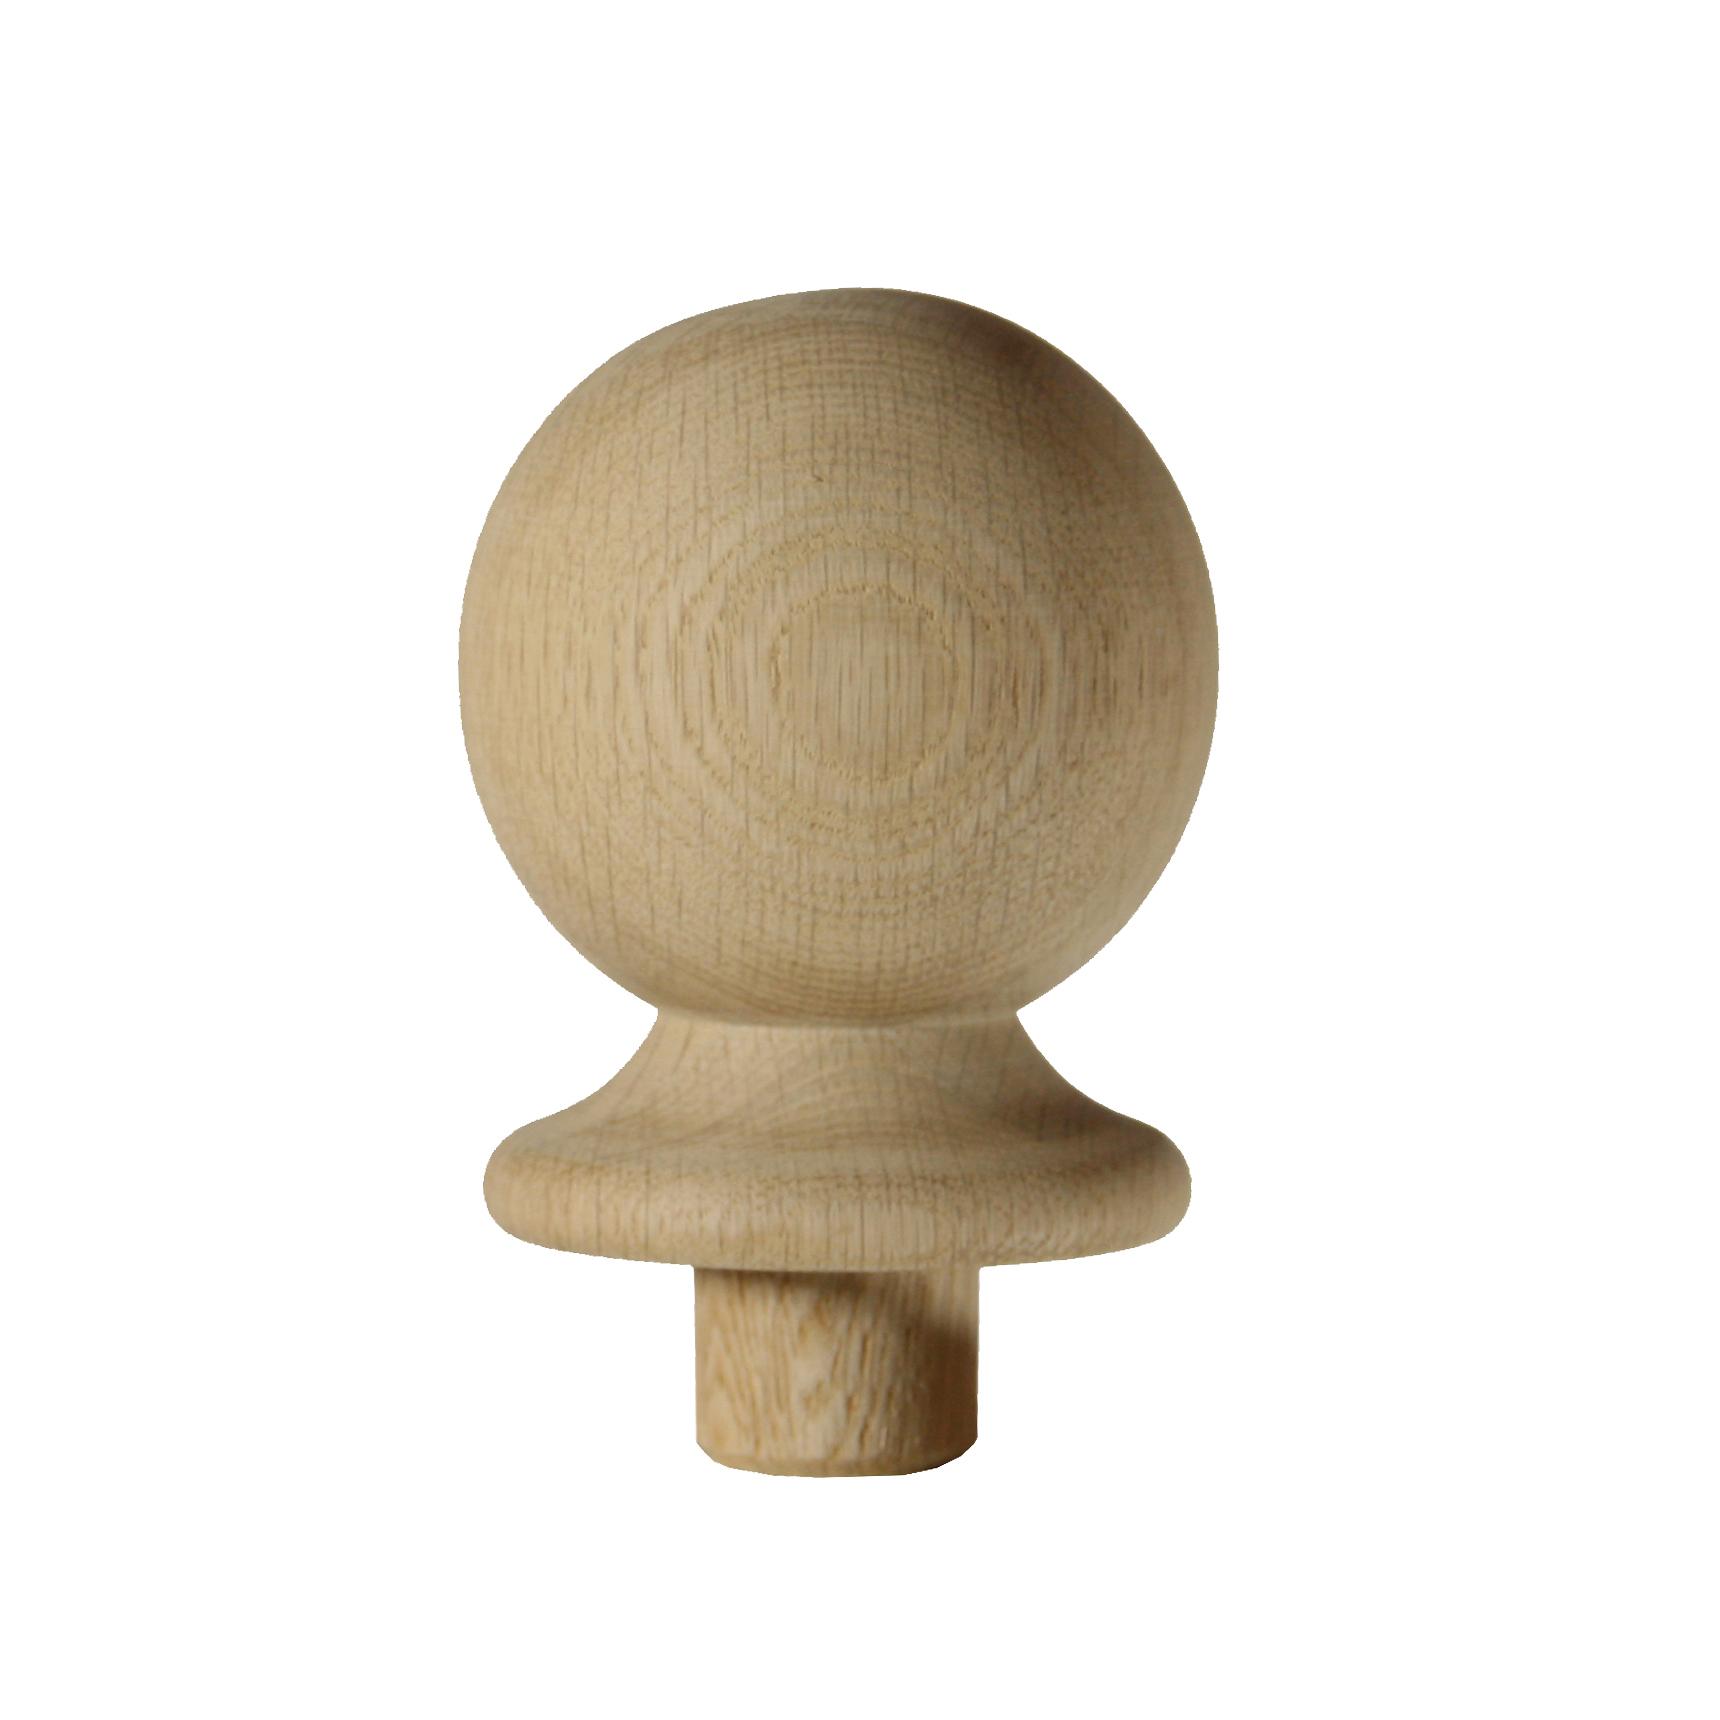 1 Oak Ball Newel Cap 90